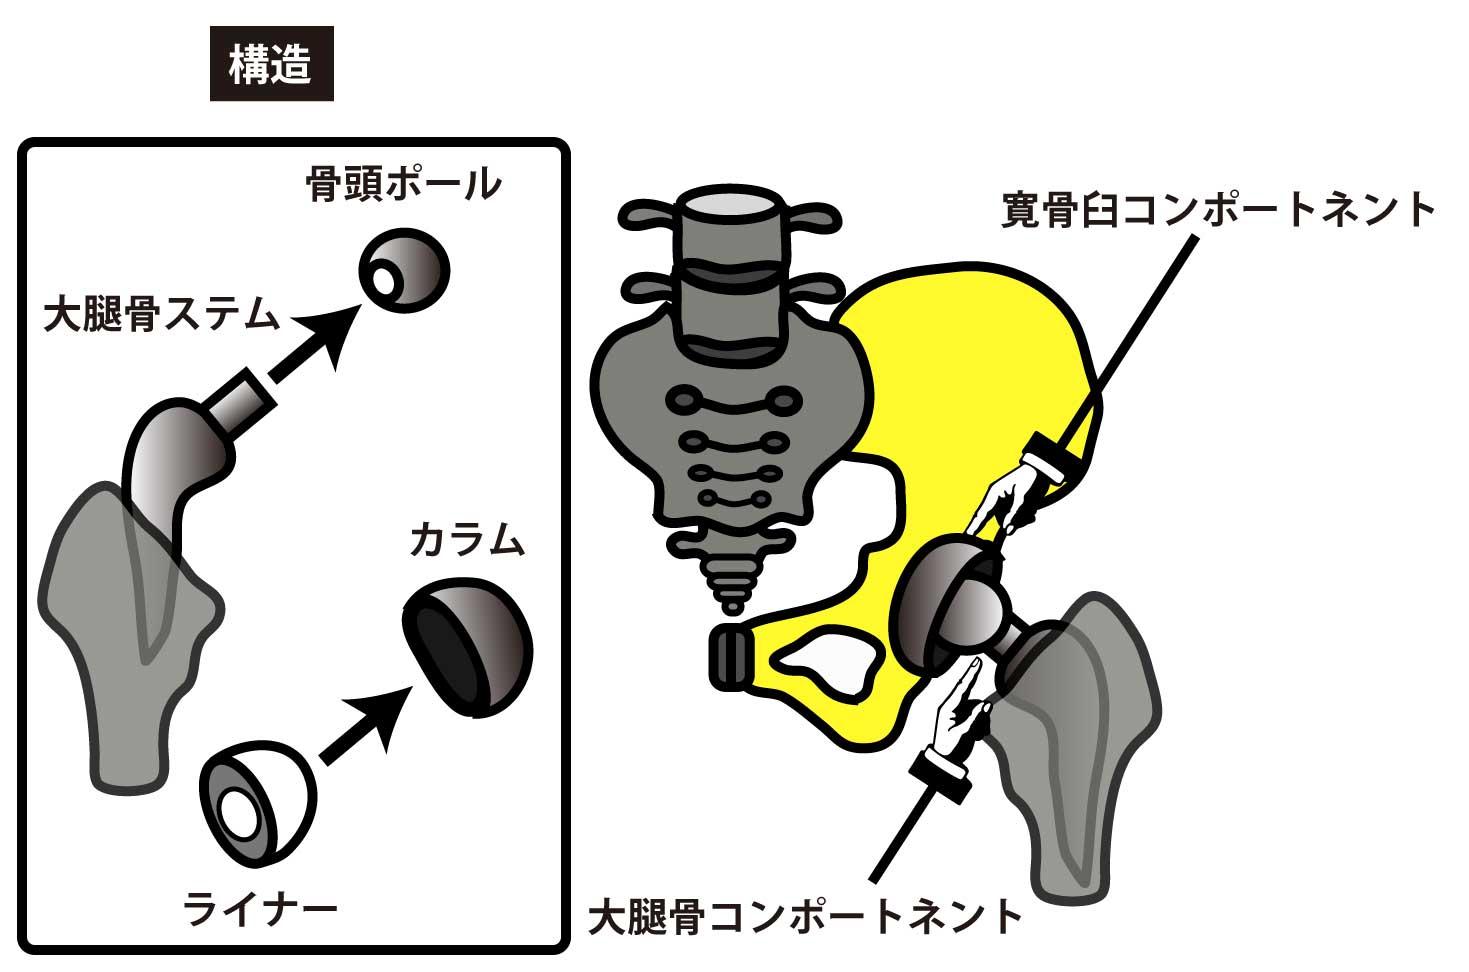 脱臼 人工 骨頭 置換 術